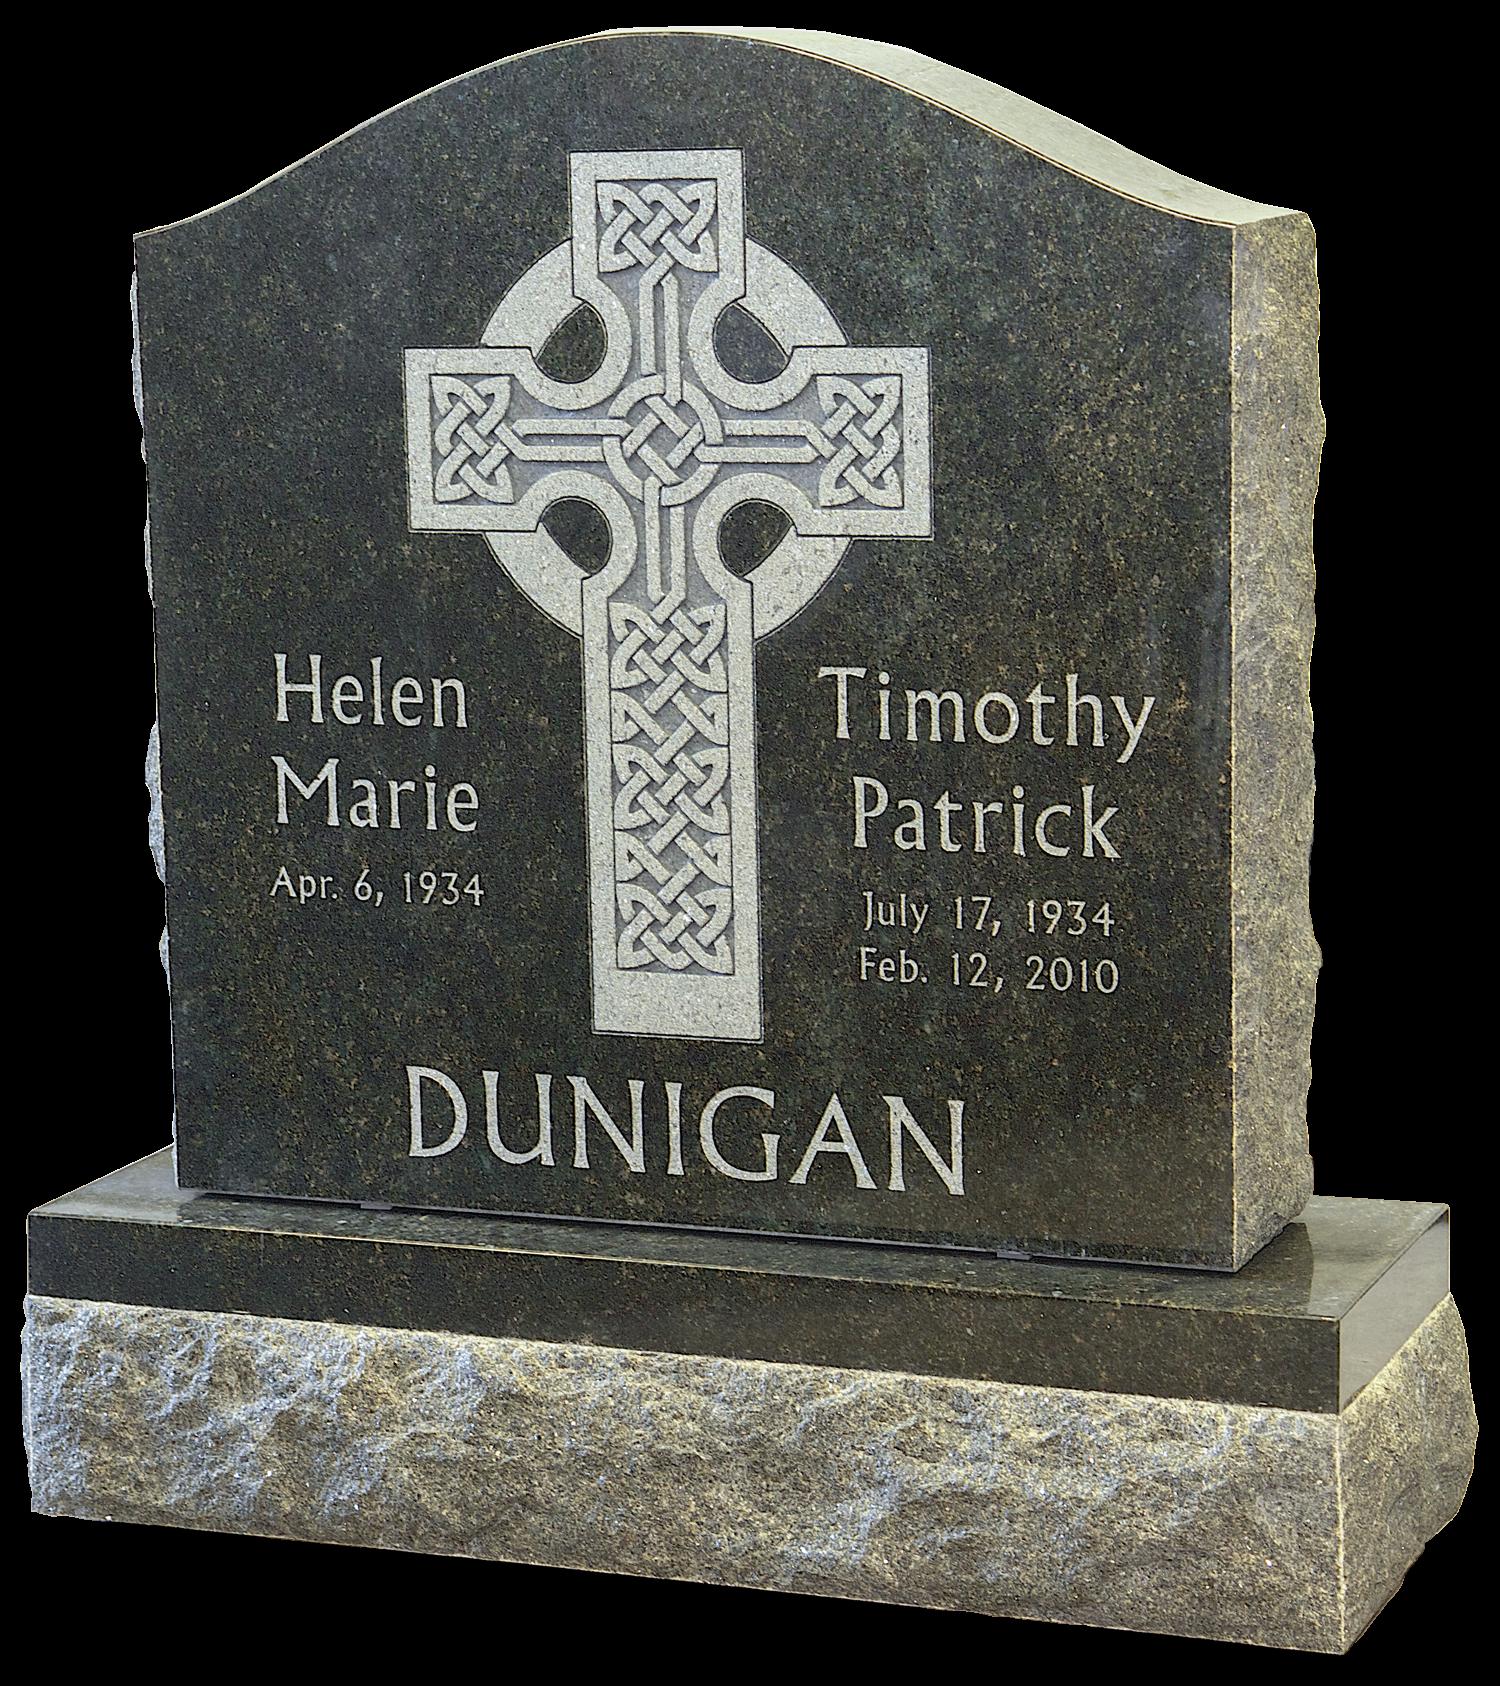 Dunigan, Dan Monument.png